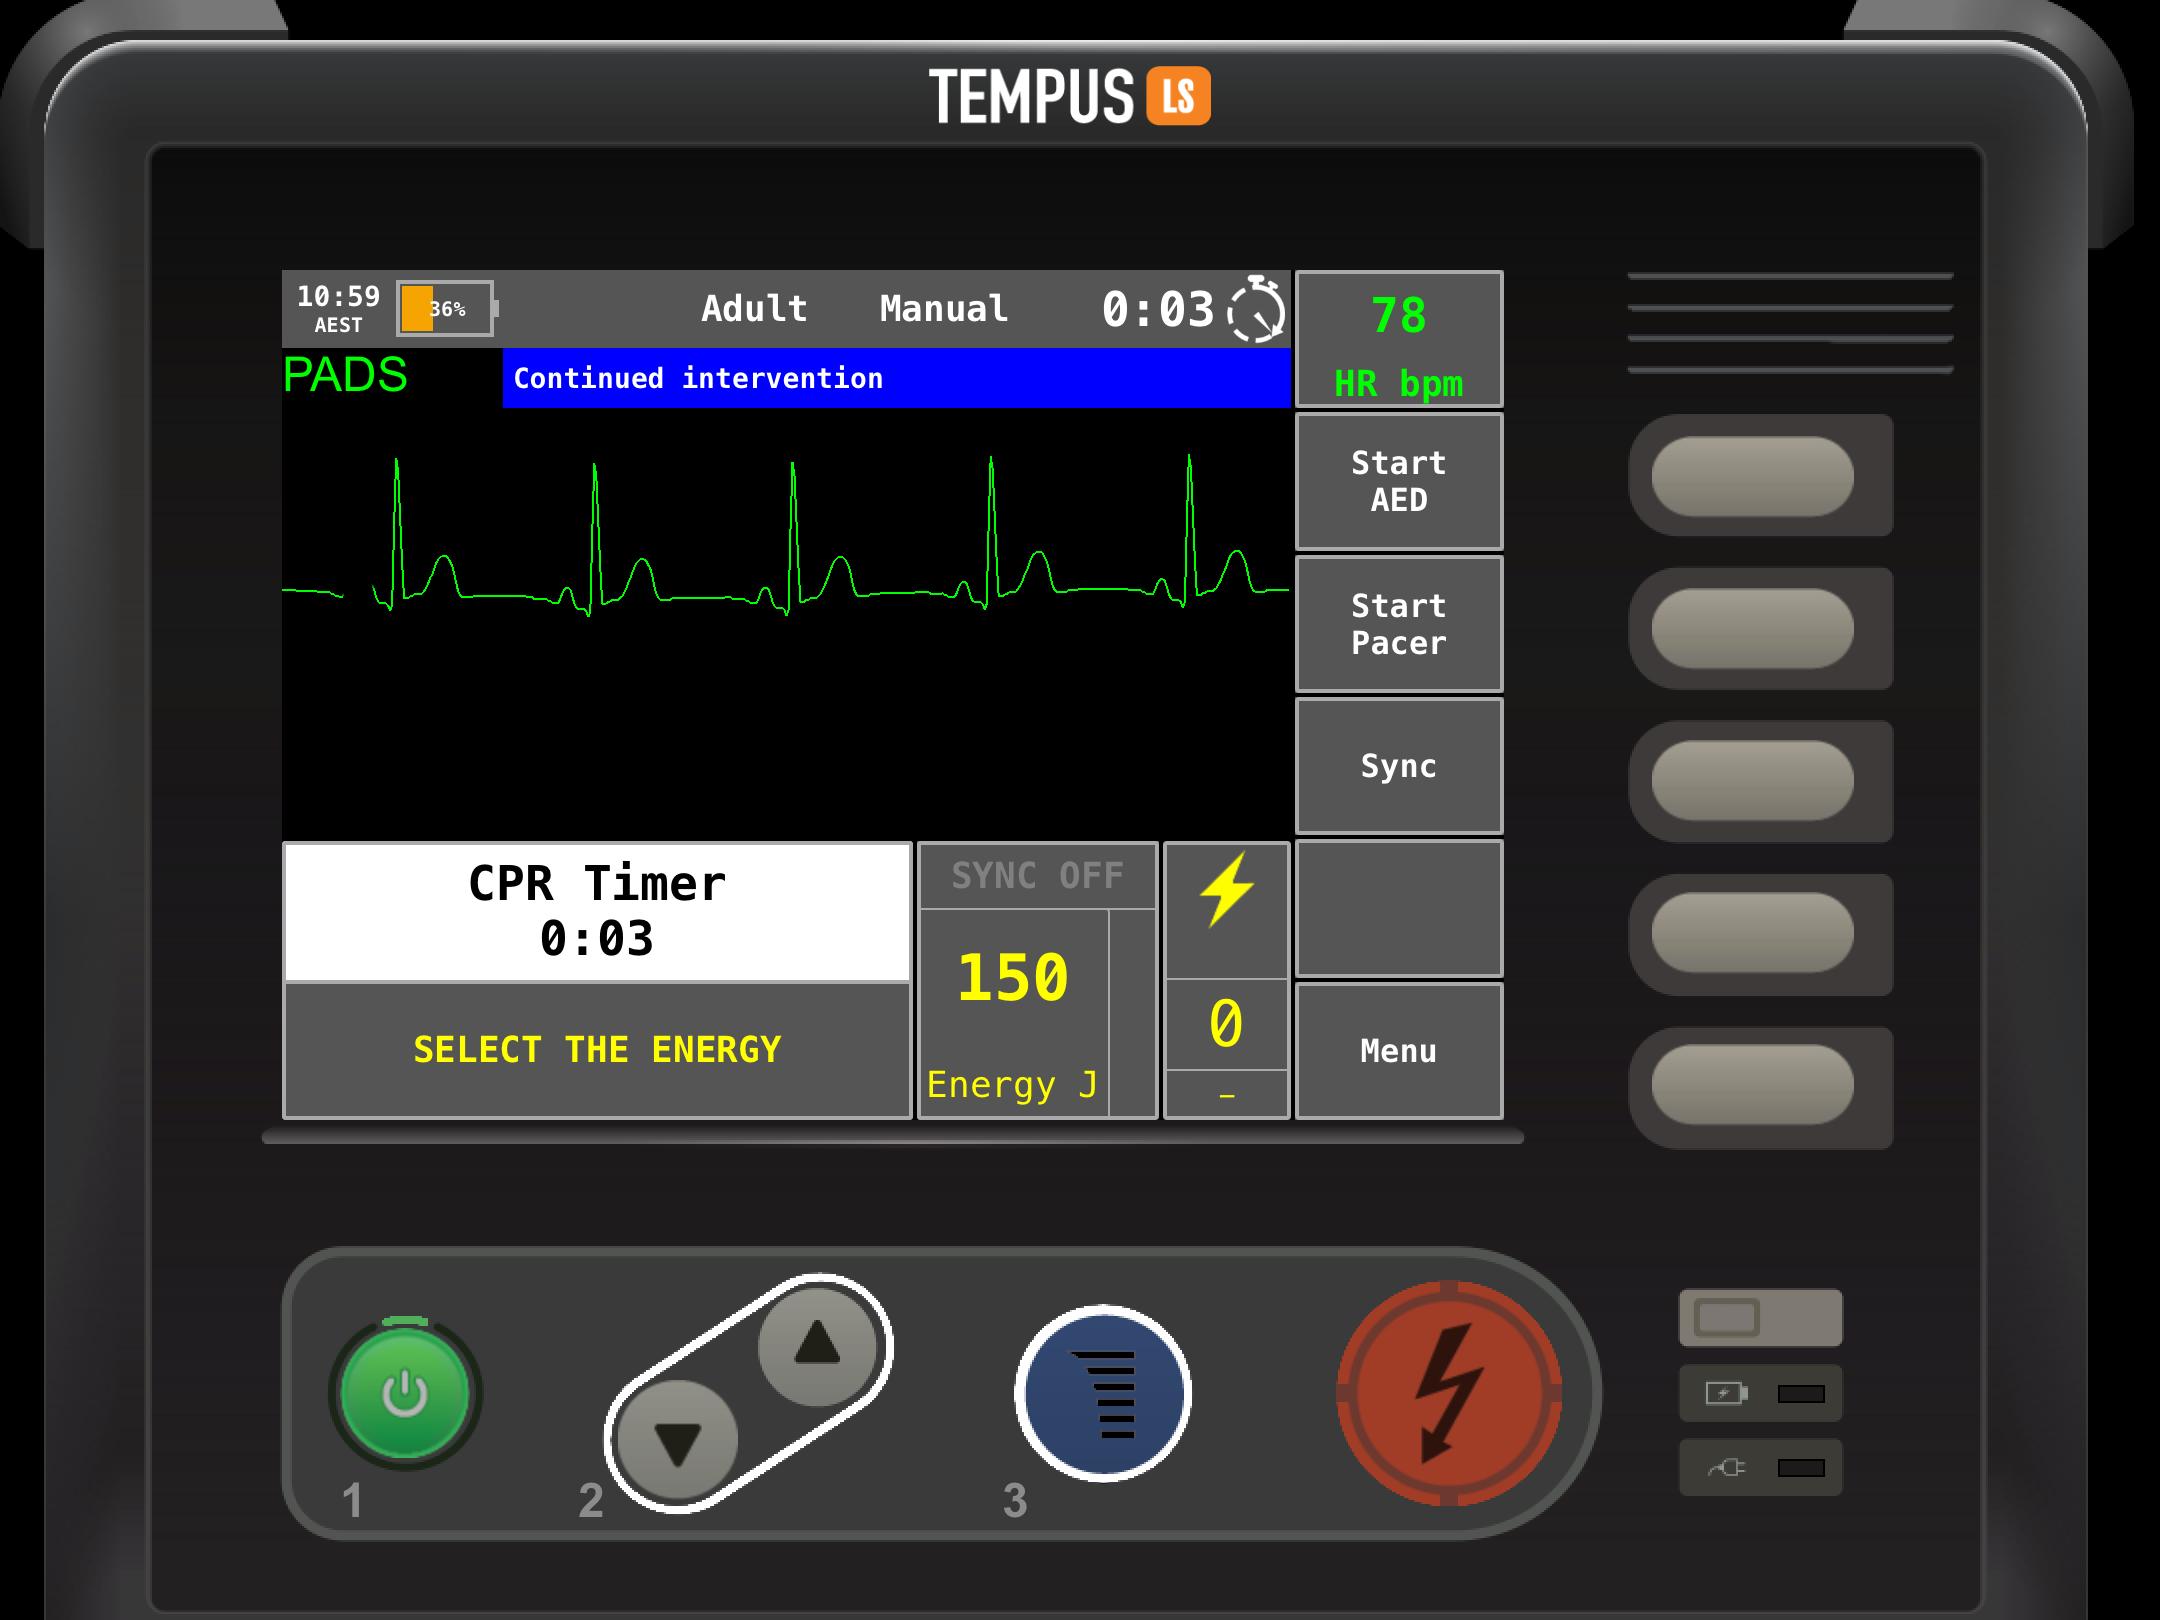 Tempus_LS_screen.PNG